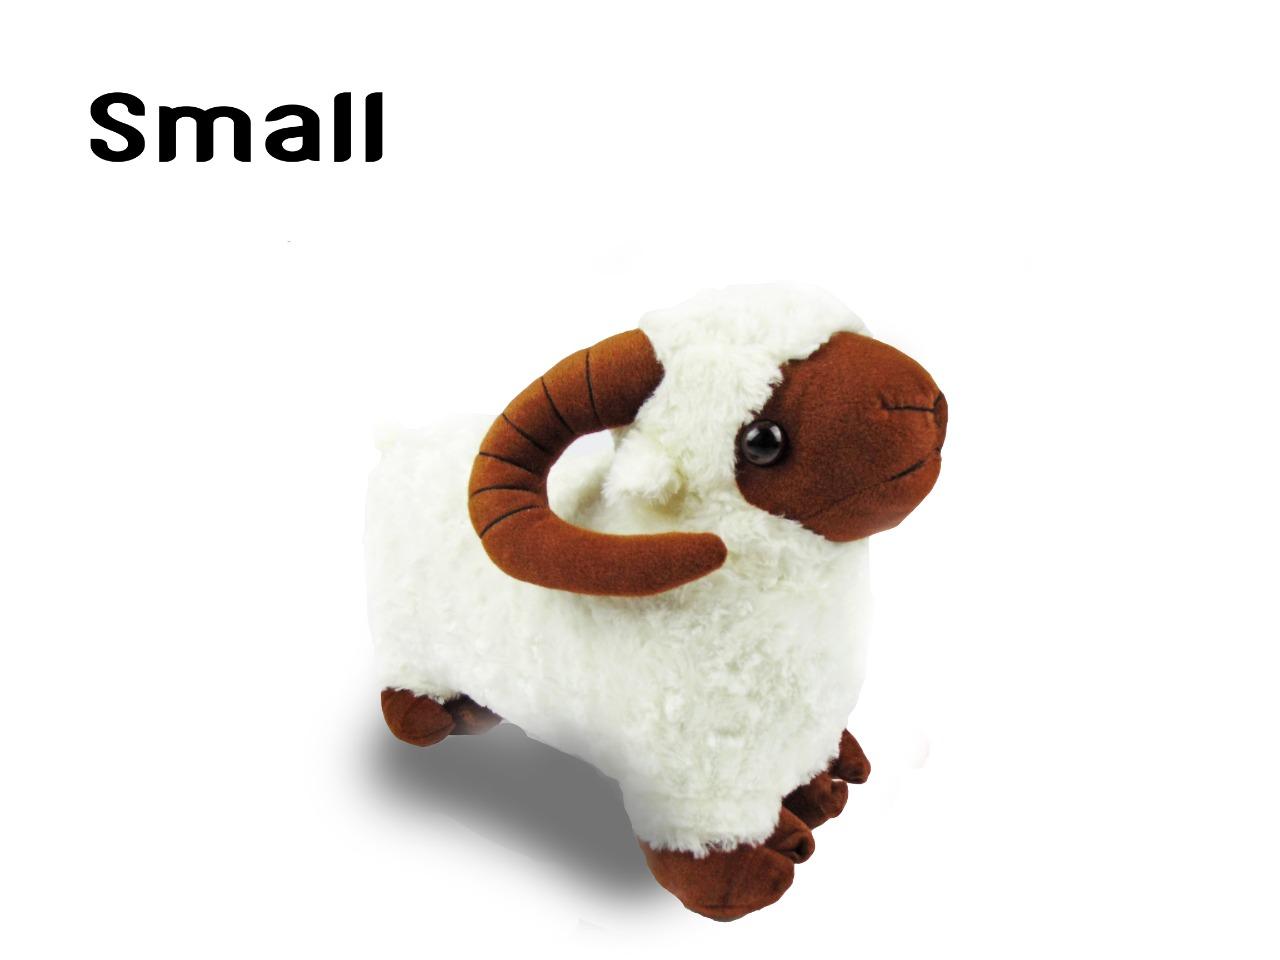 خروف العيد مقاس صغير